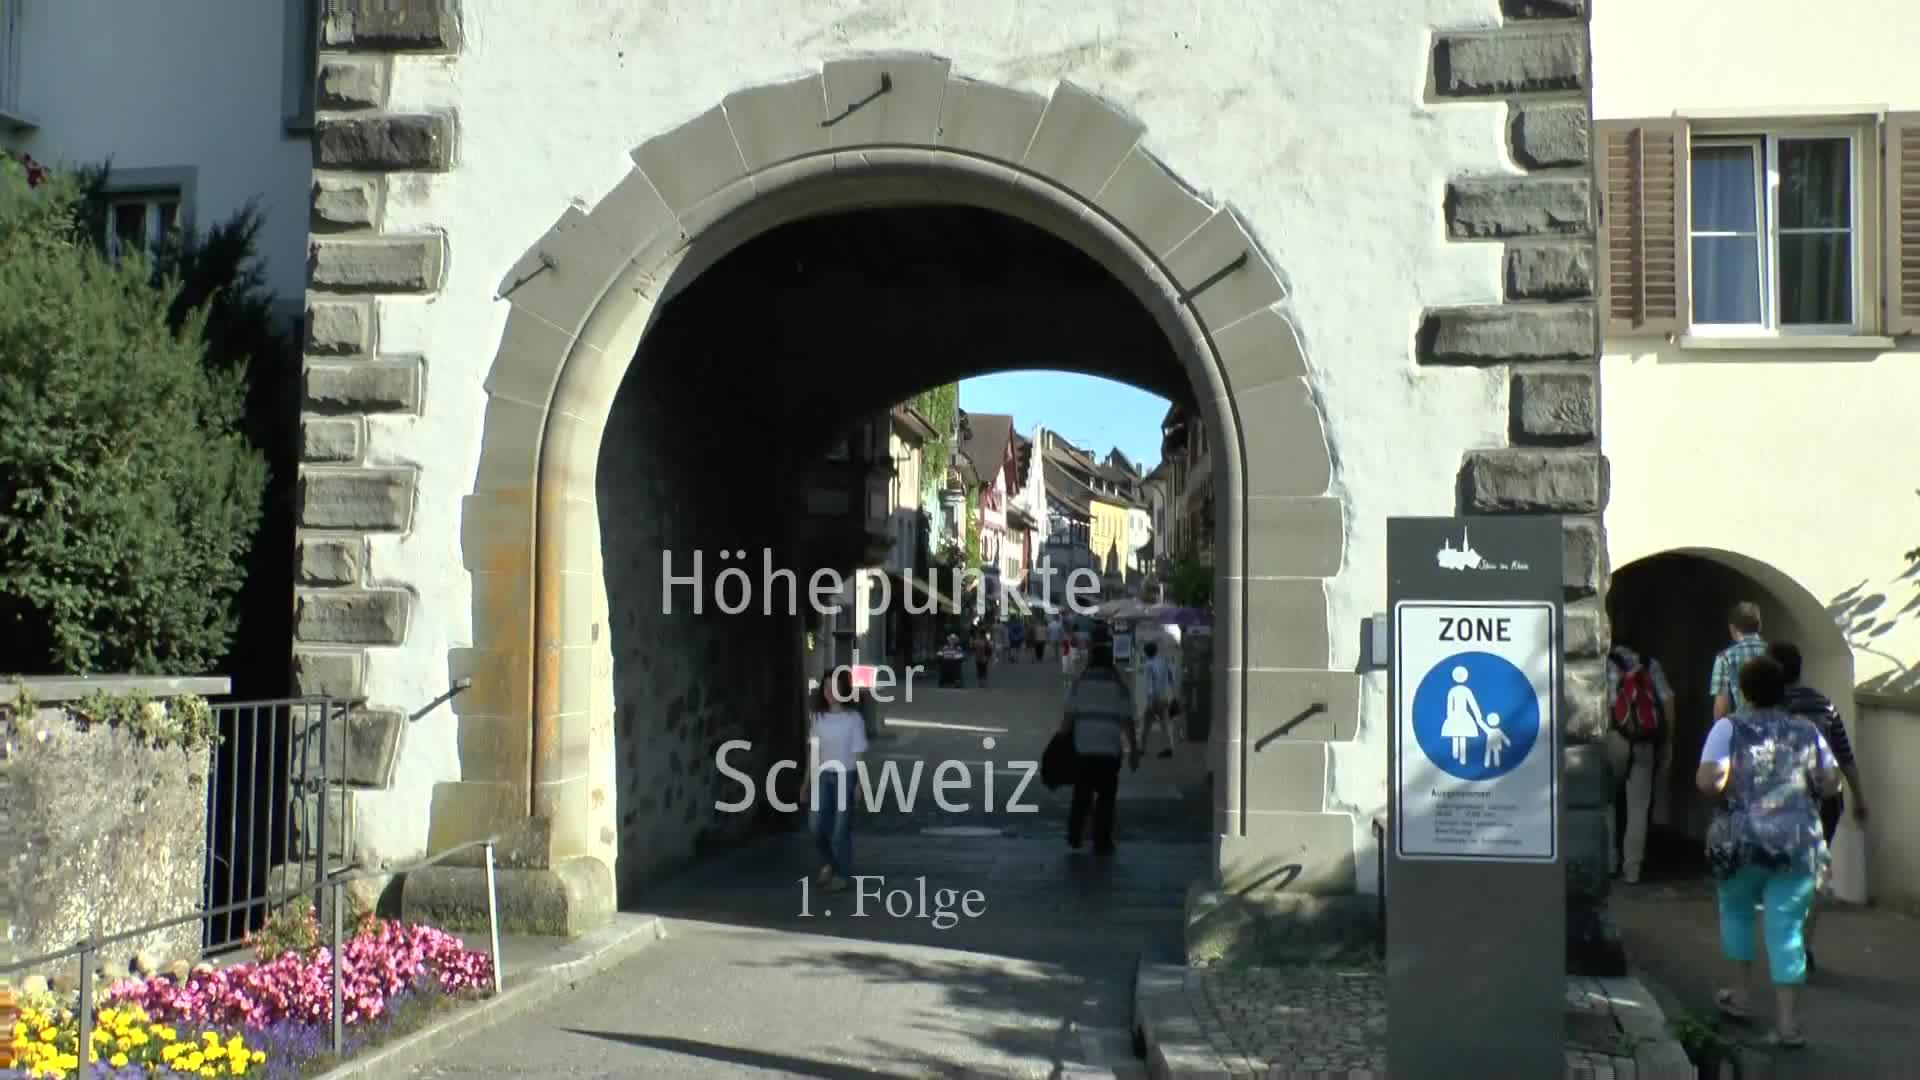 Höhepunkte der Schweiz, 1.Folge